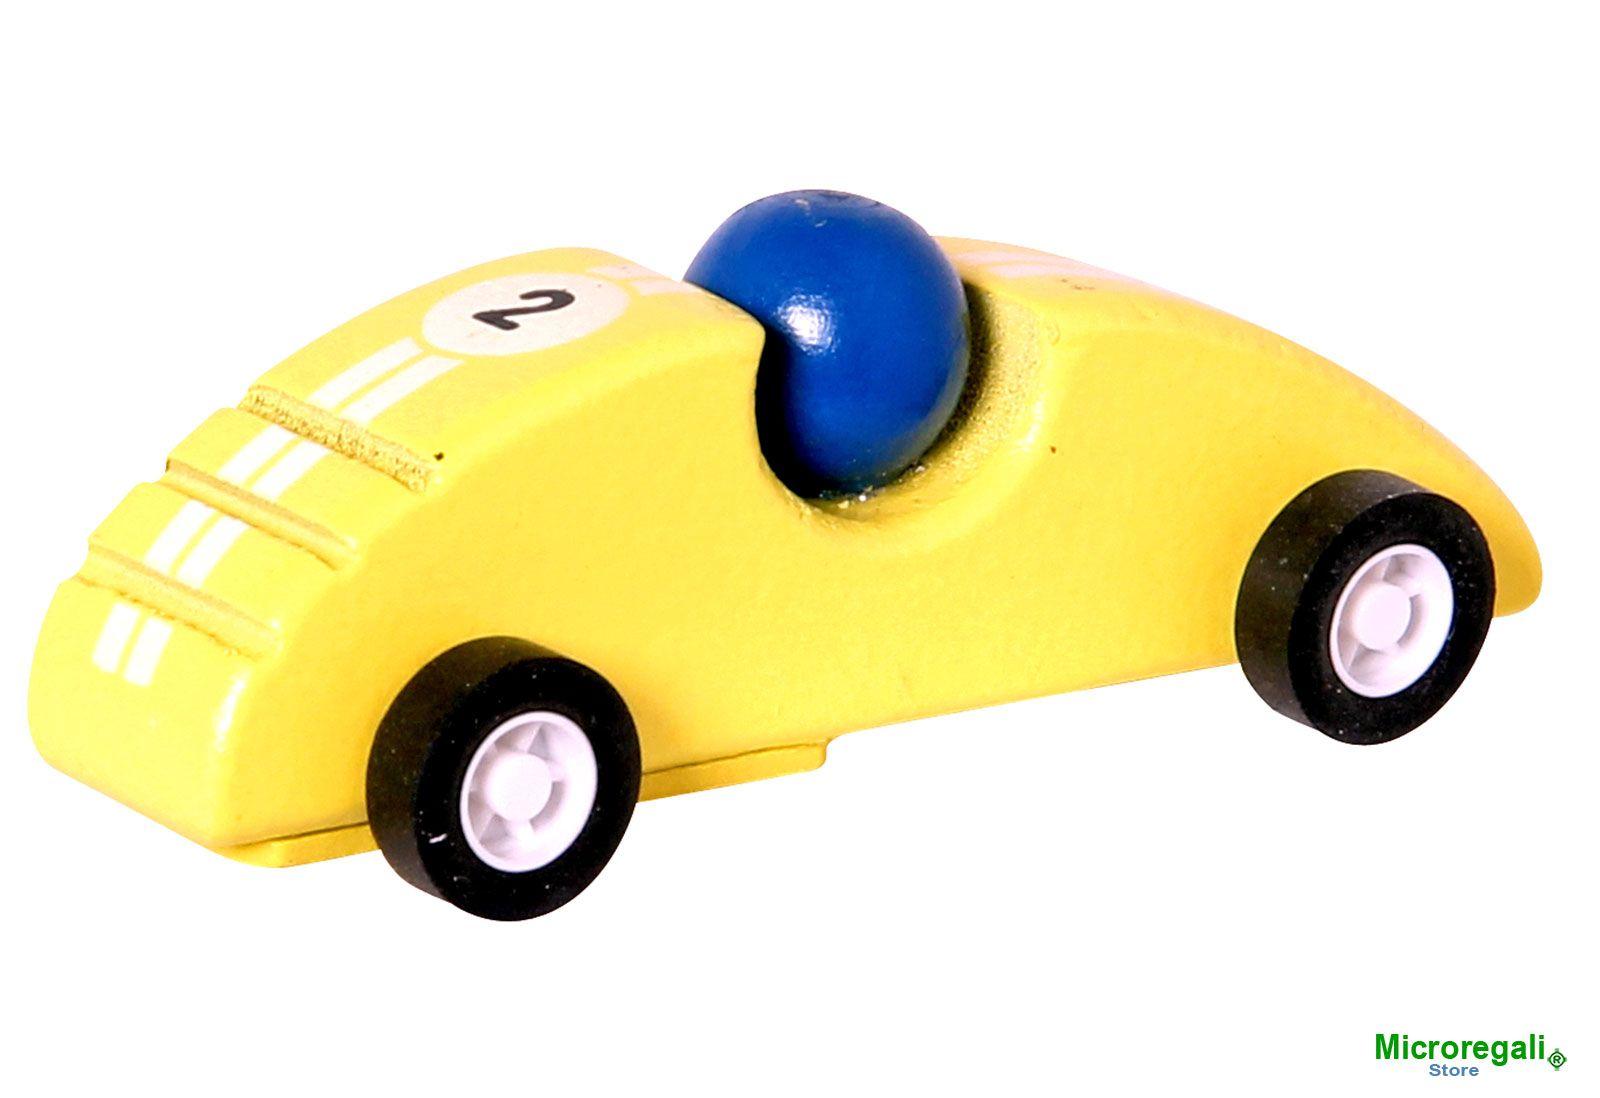 Macchinina in Legno da Corsa F1 GIALLA cm 10x3,5x3,5. Per Bambini. c ...